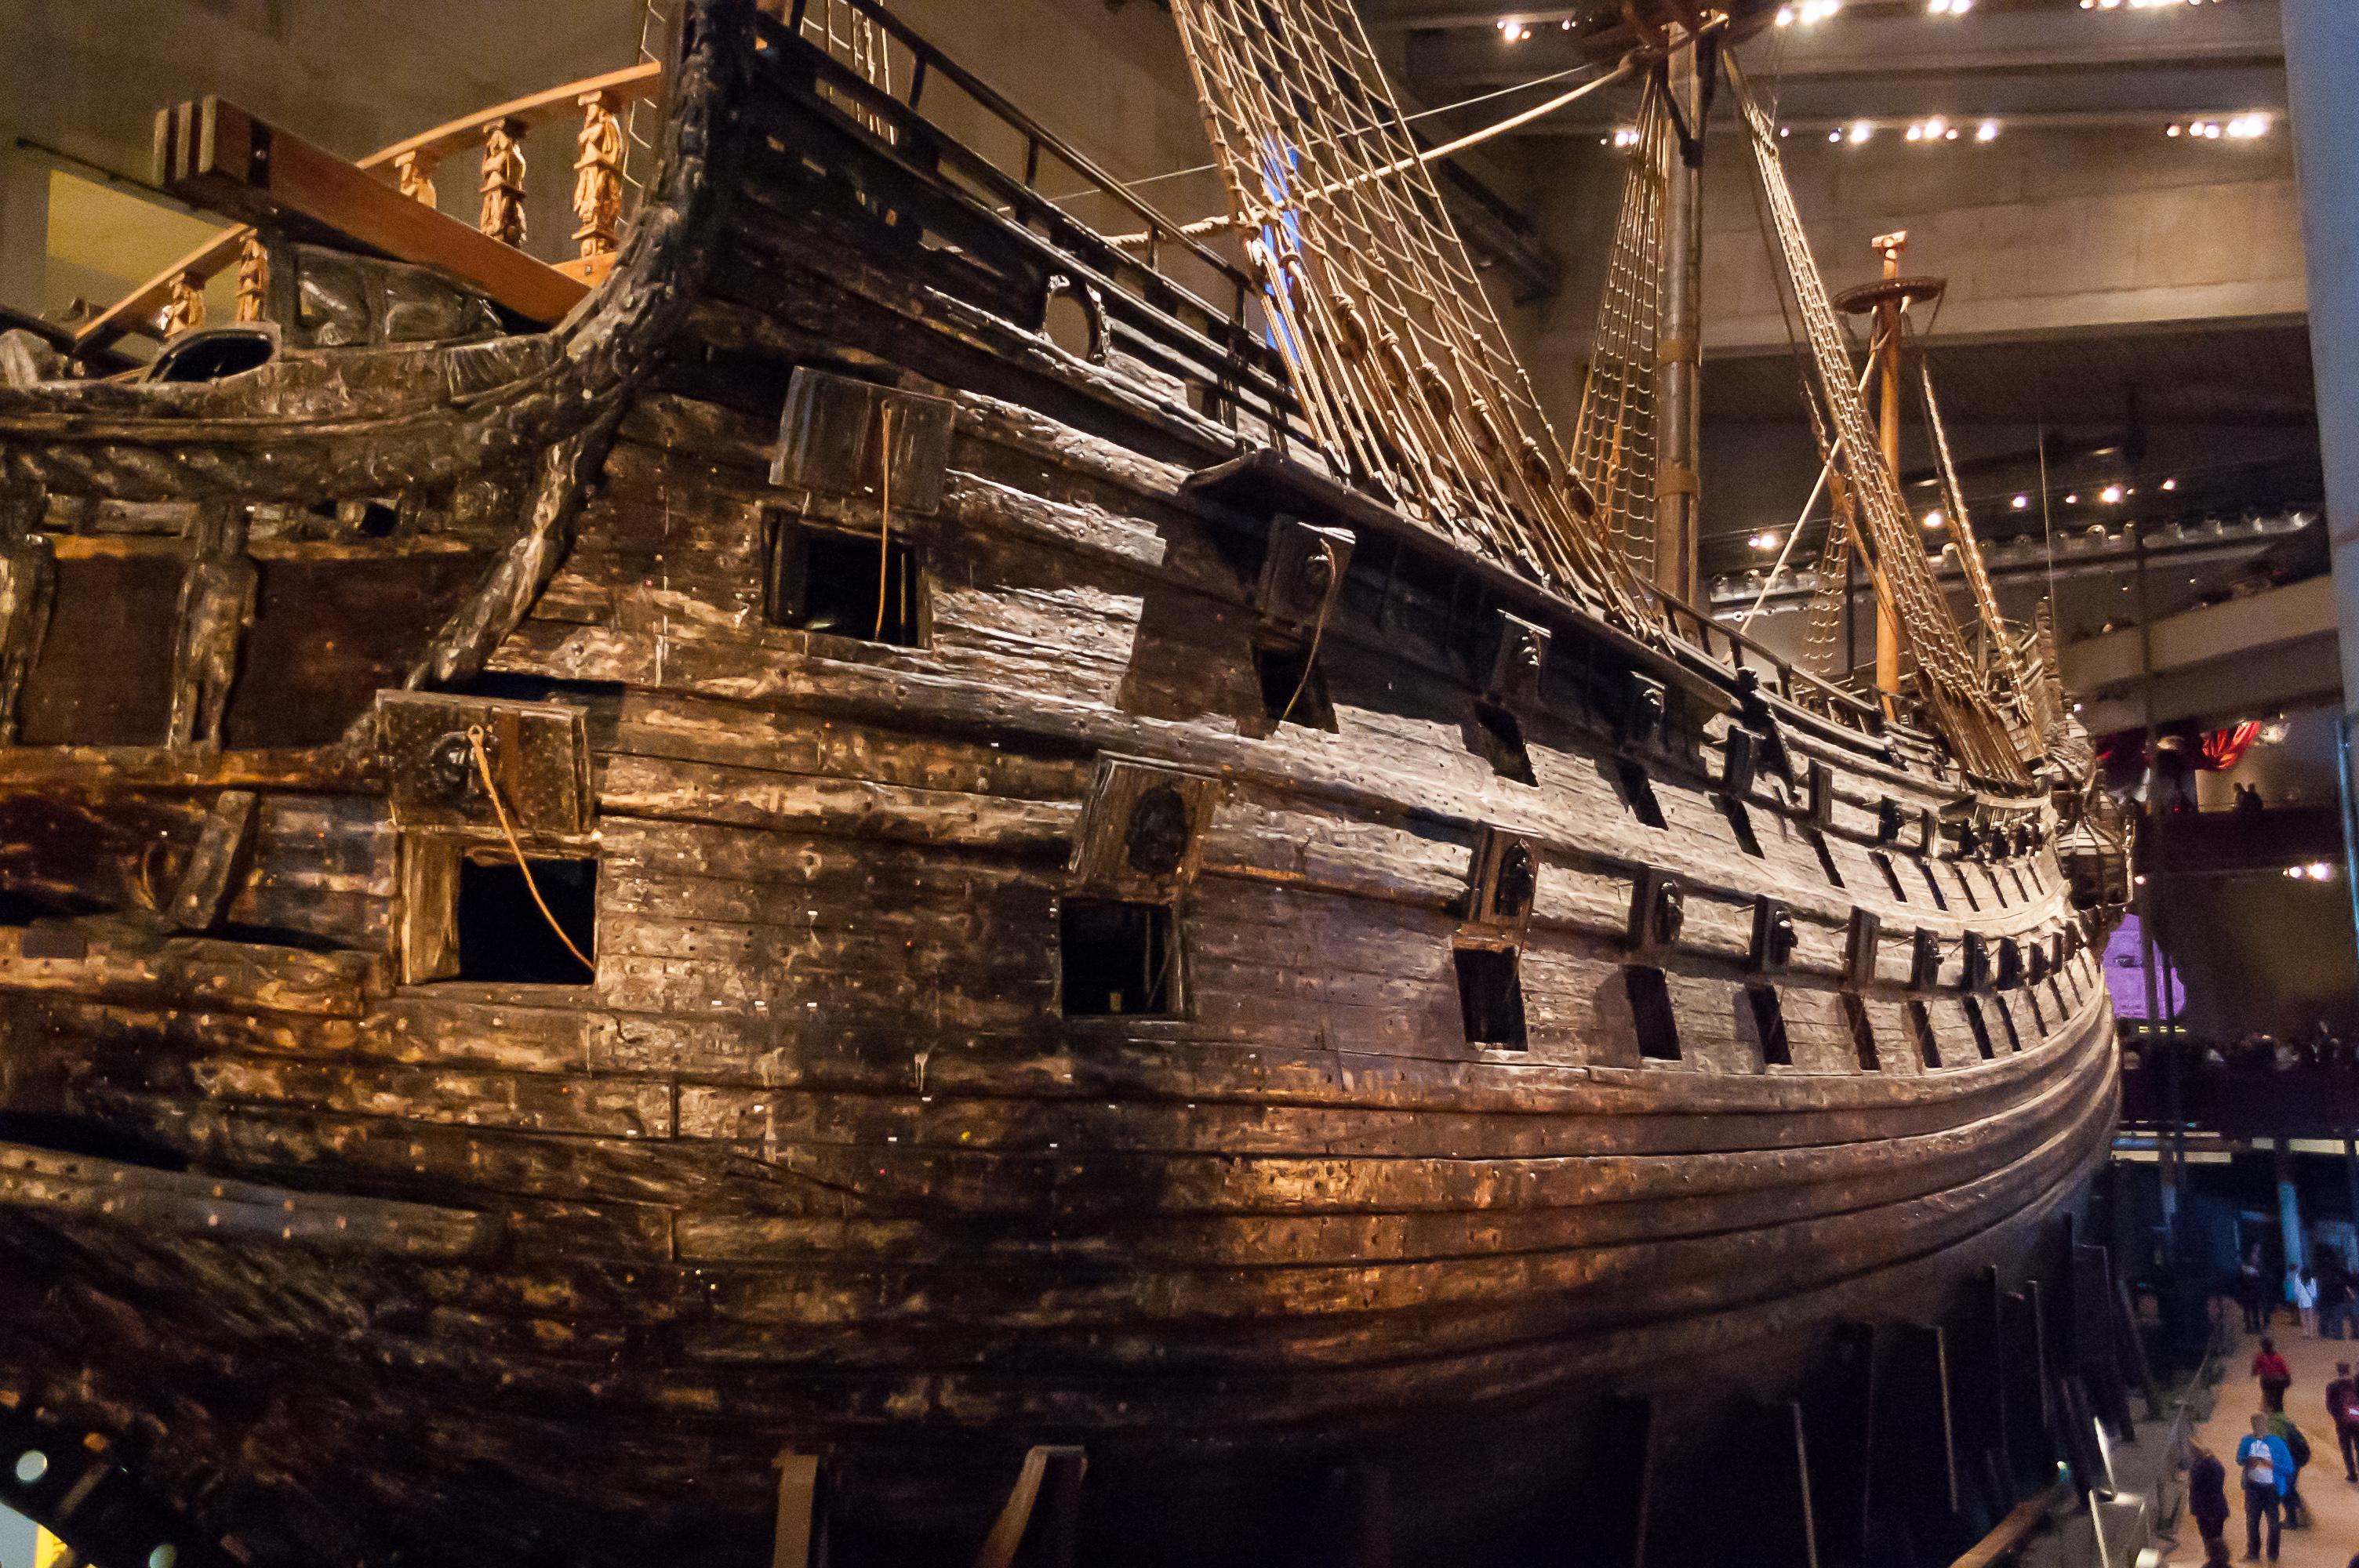 Iv vasa museum pohjoiseen for Vasa ship